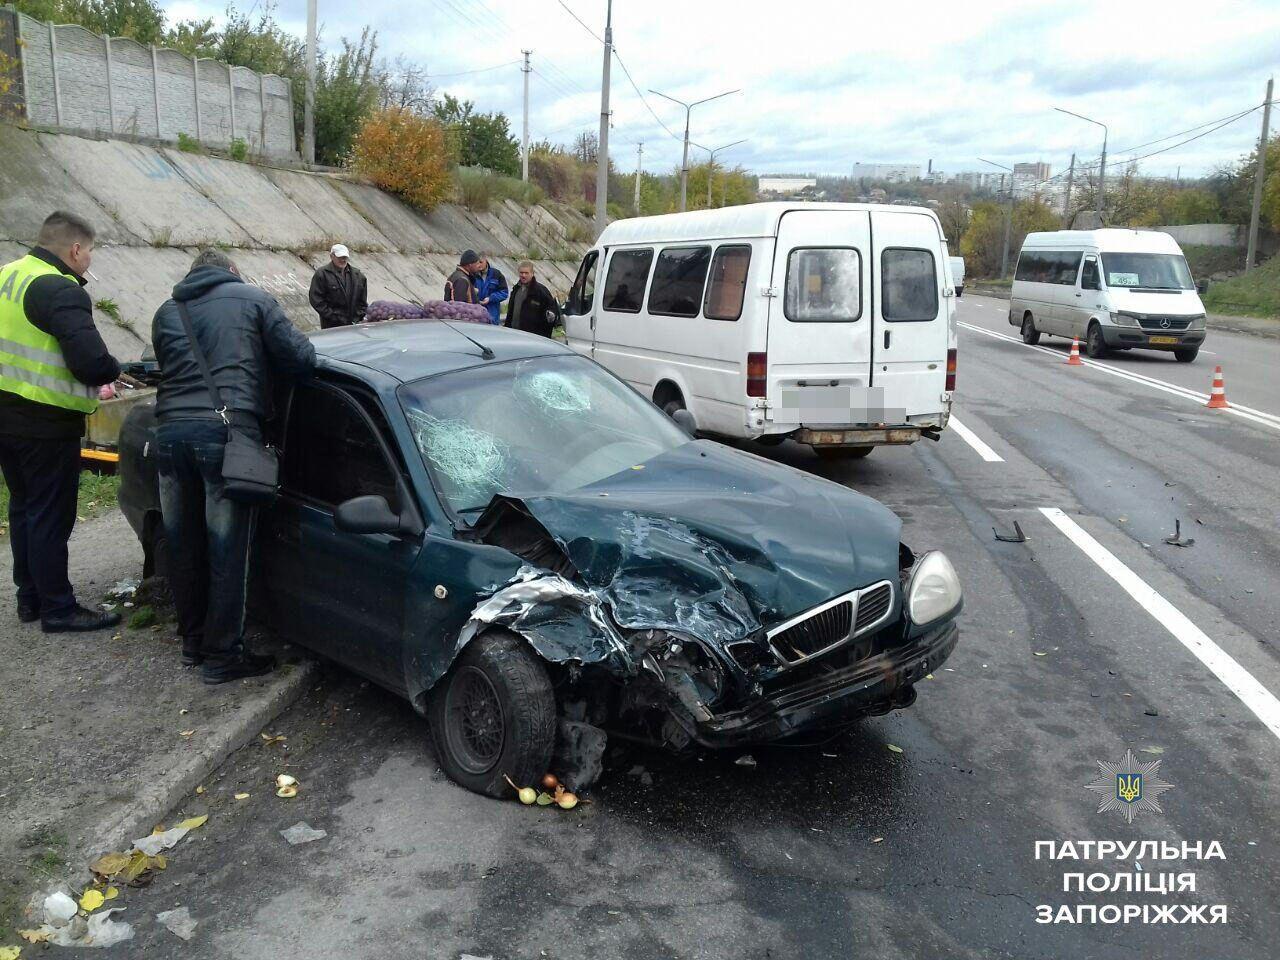 В Запорожье произошло ДТП: среди пострадавших - ребенок